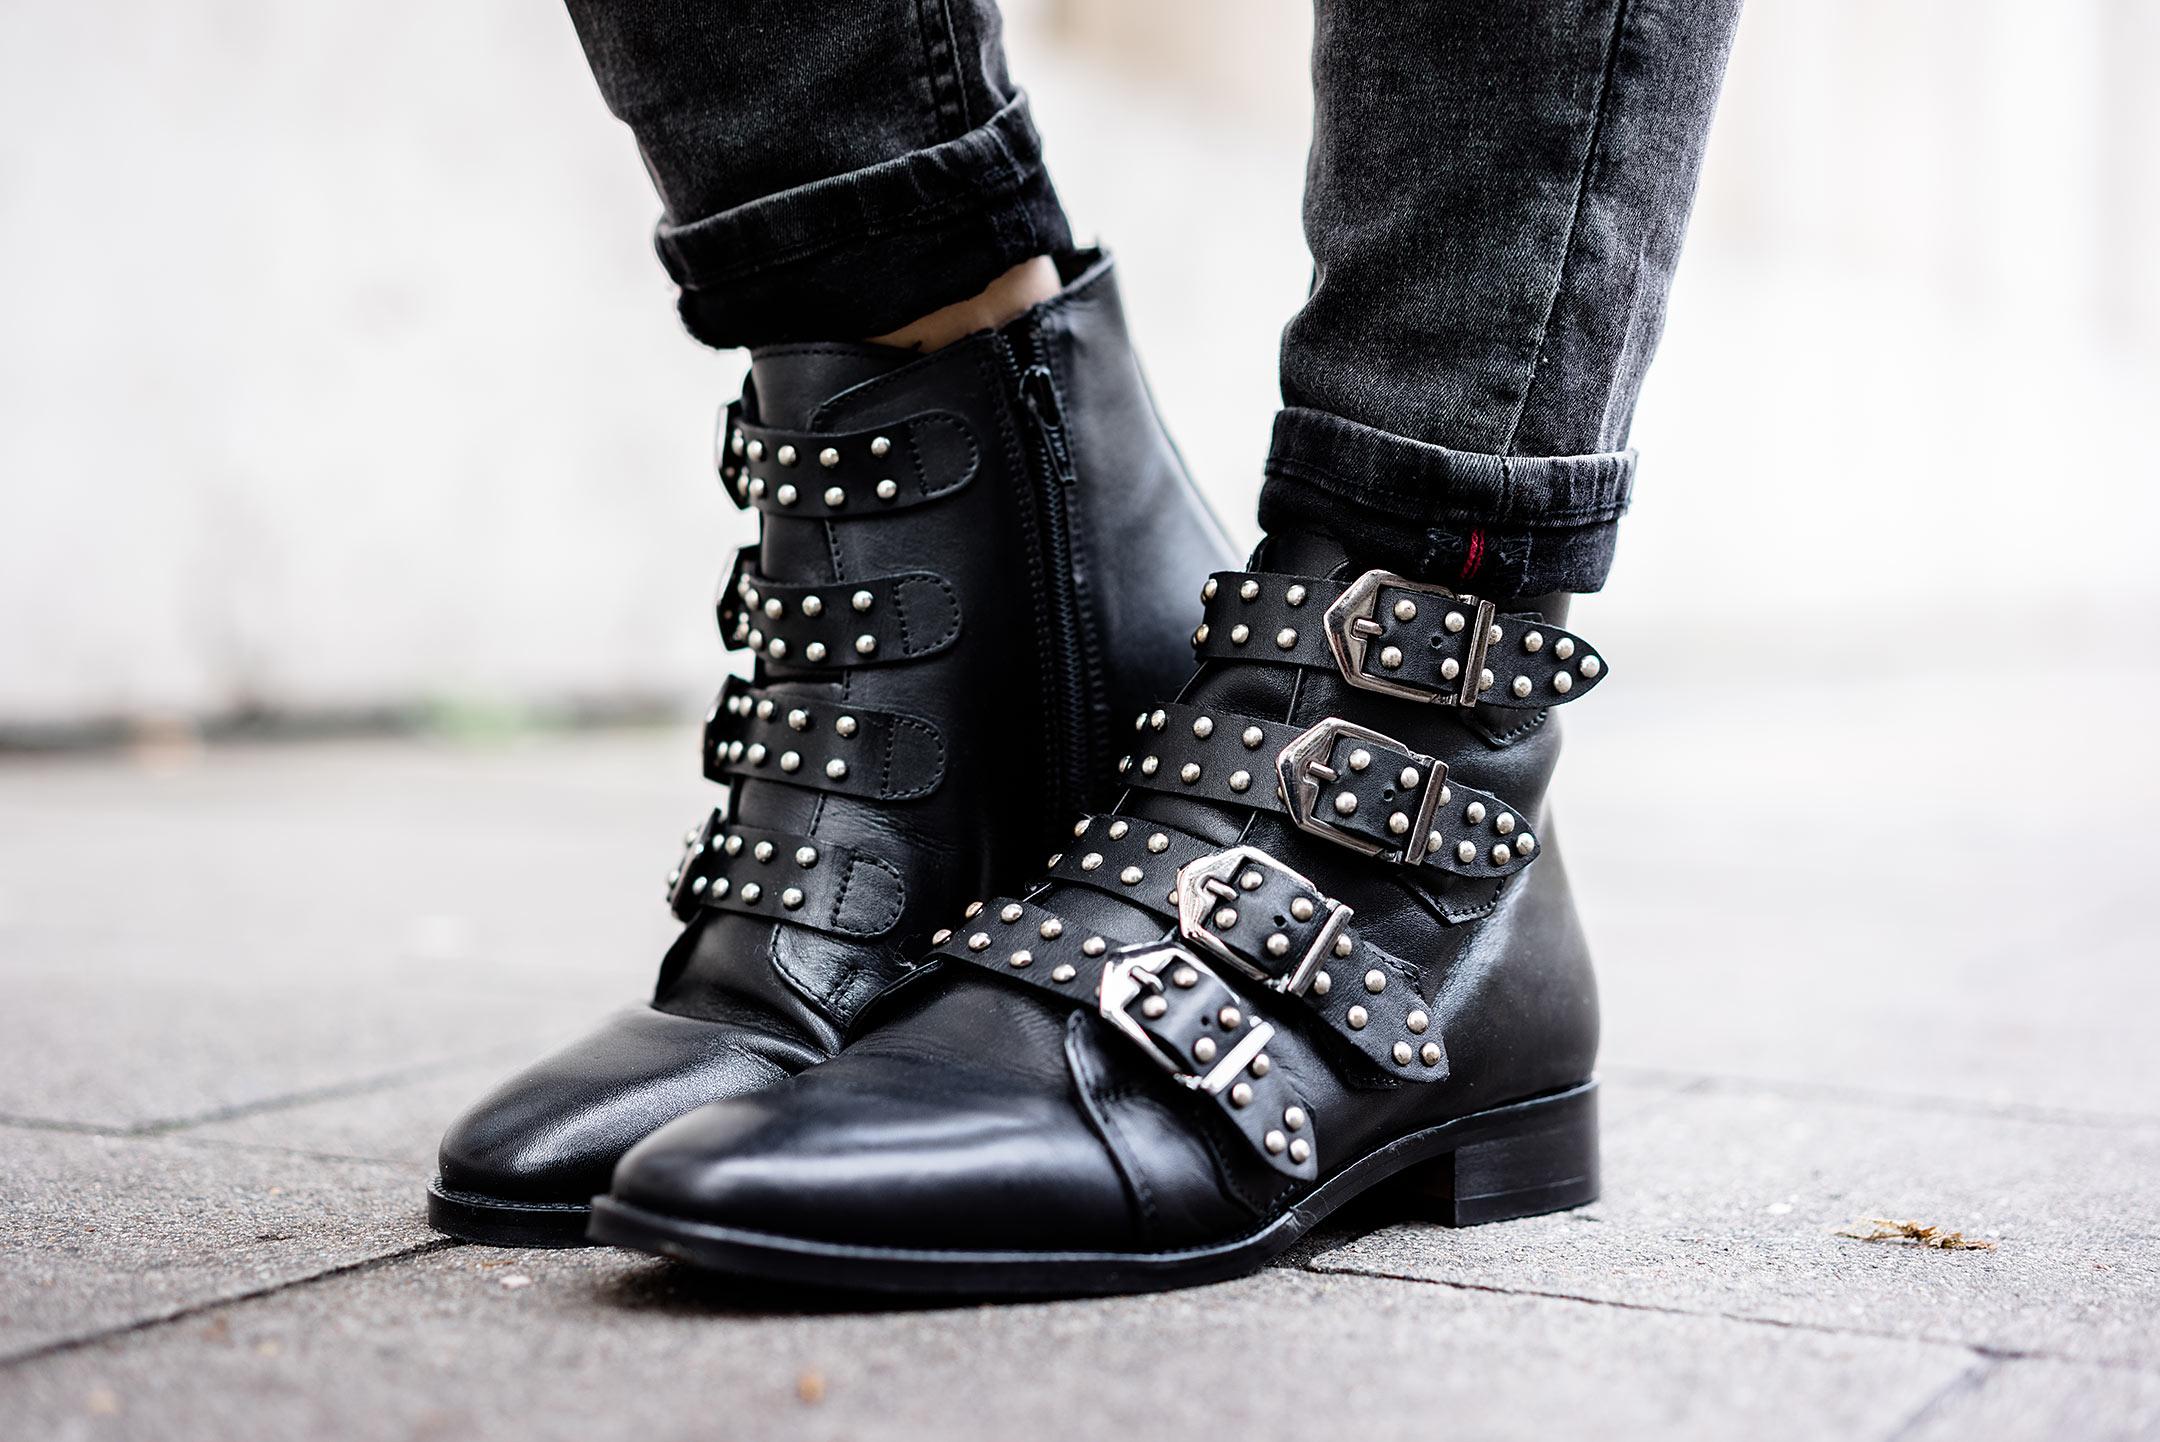 Boots schwarz Reserved rockig Schnallen Sunnyinga Modeblog Düsseldorf